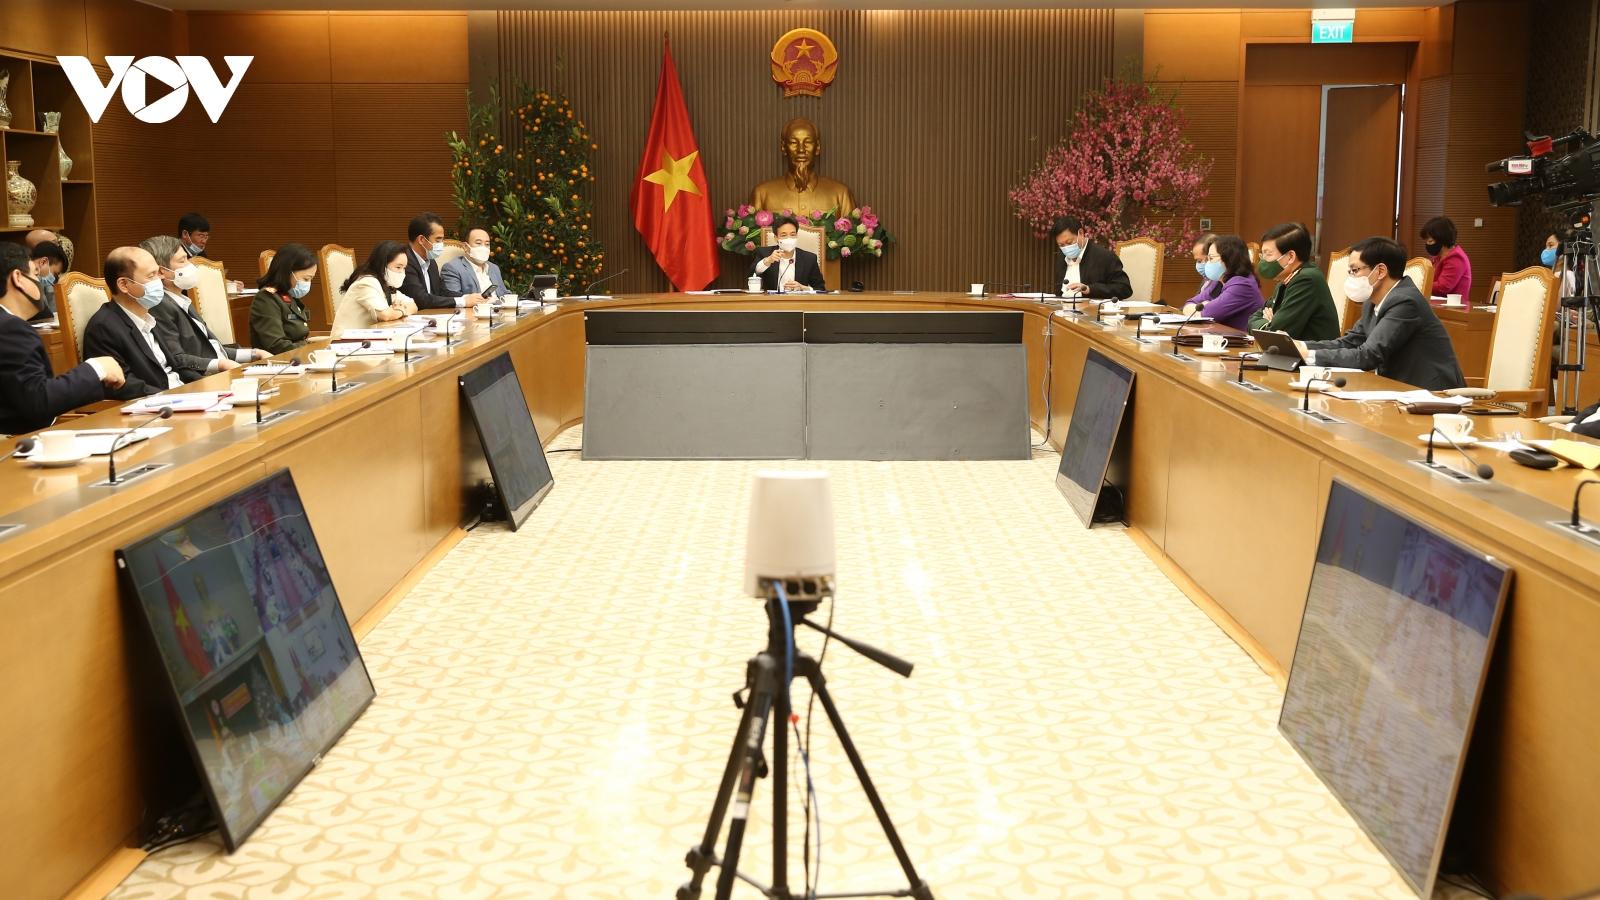 Phó Chủ tịch Hải Dương khẳng định tỉnh đã kiểm soát được dịch Covid-19